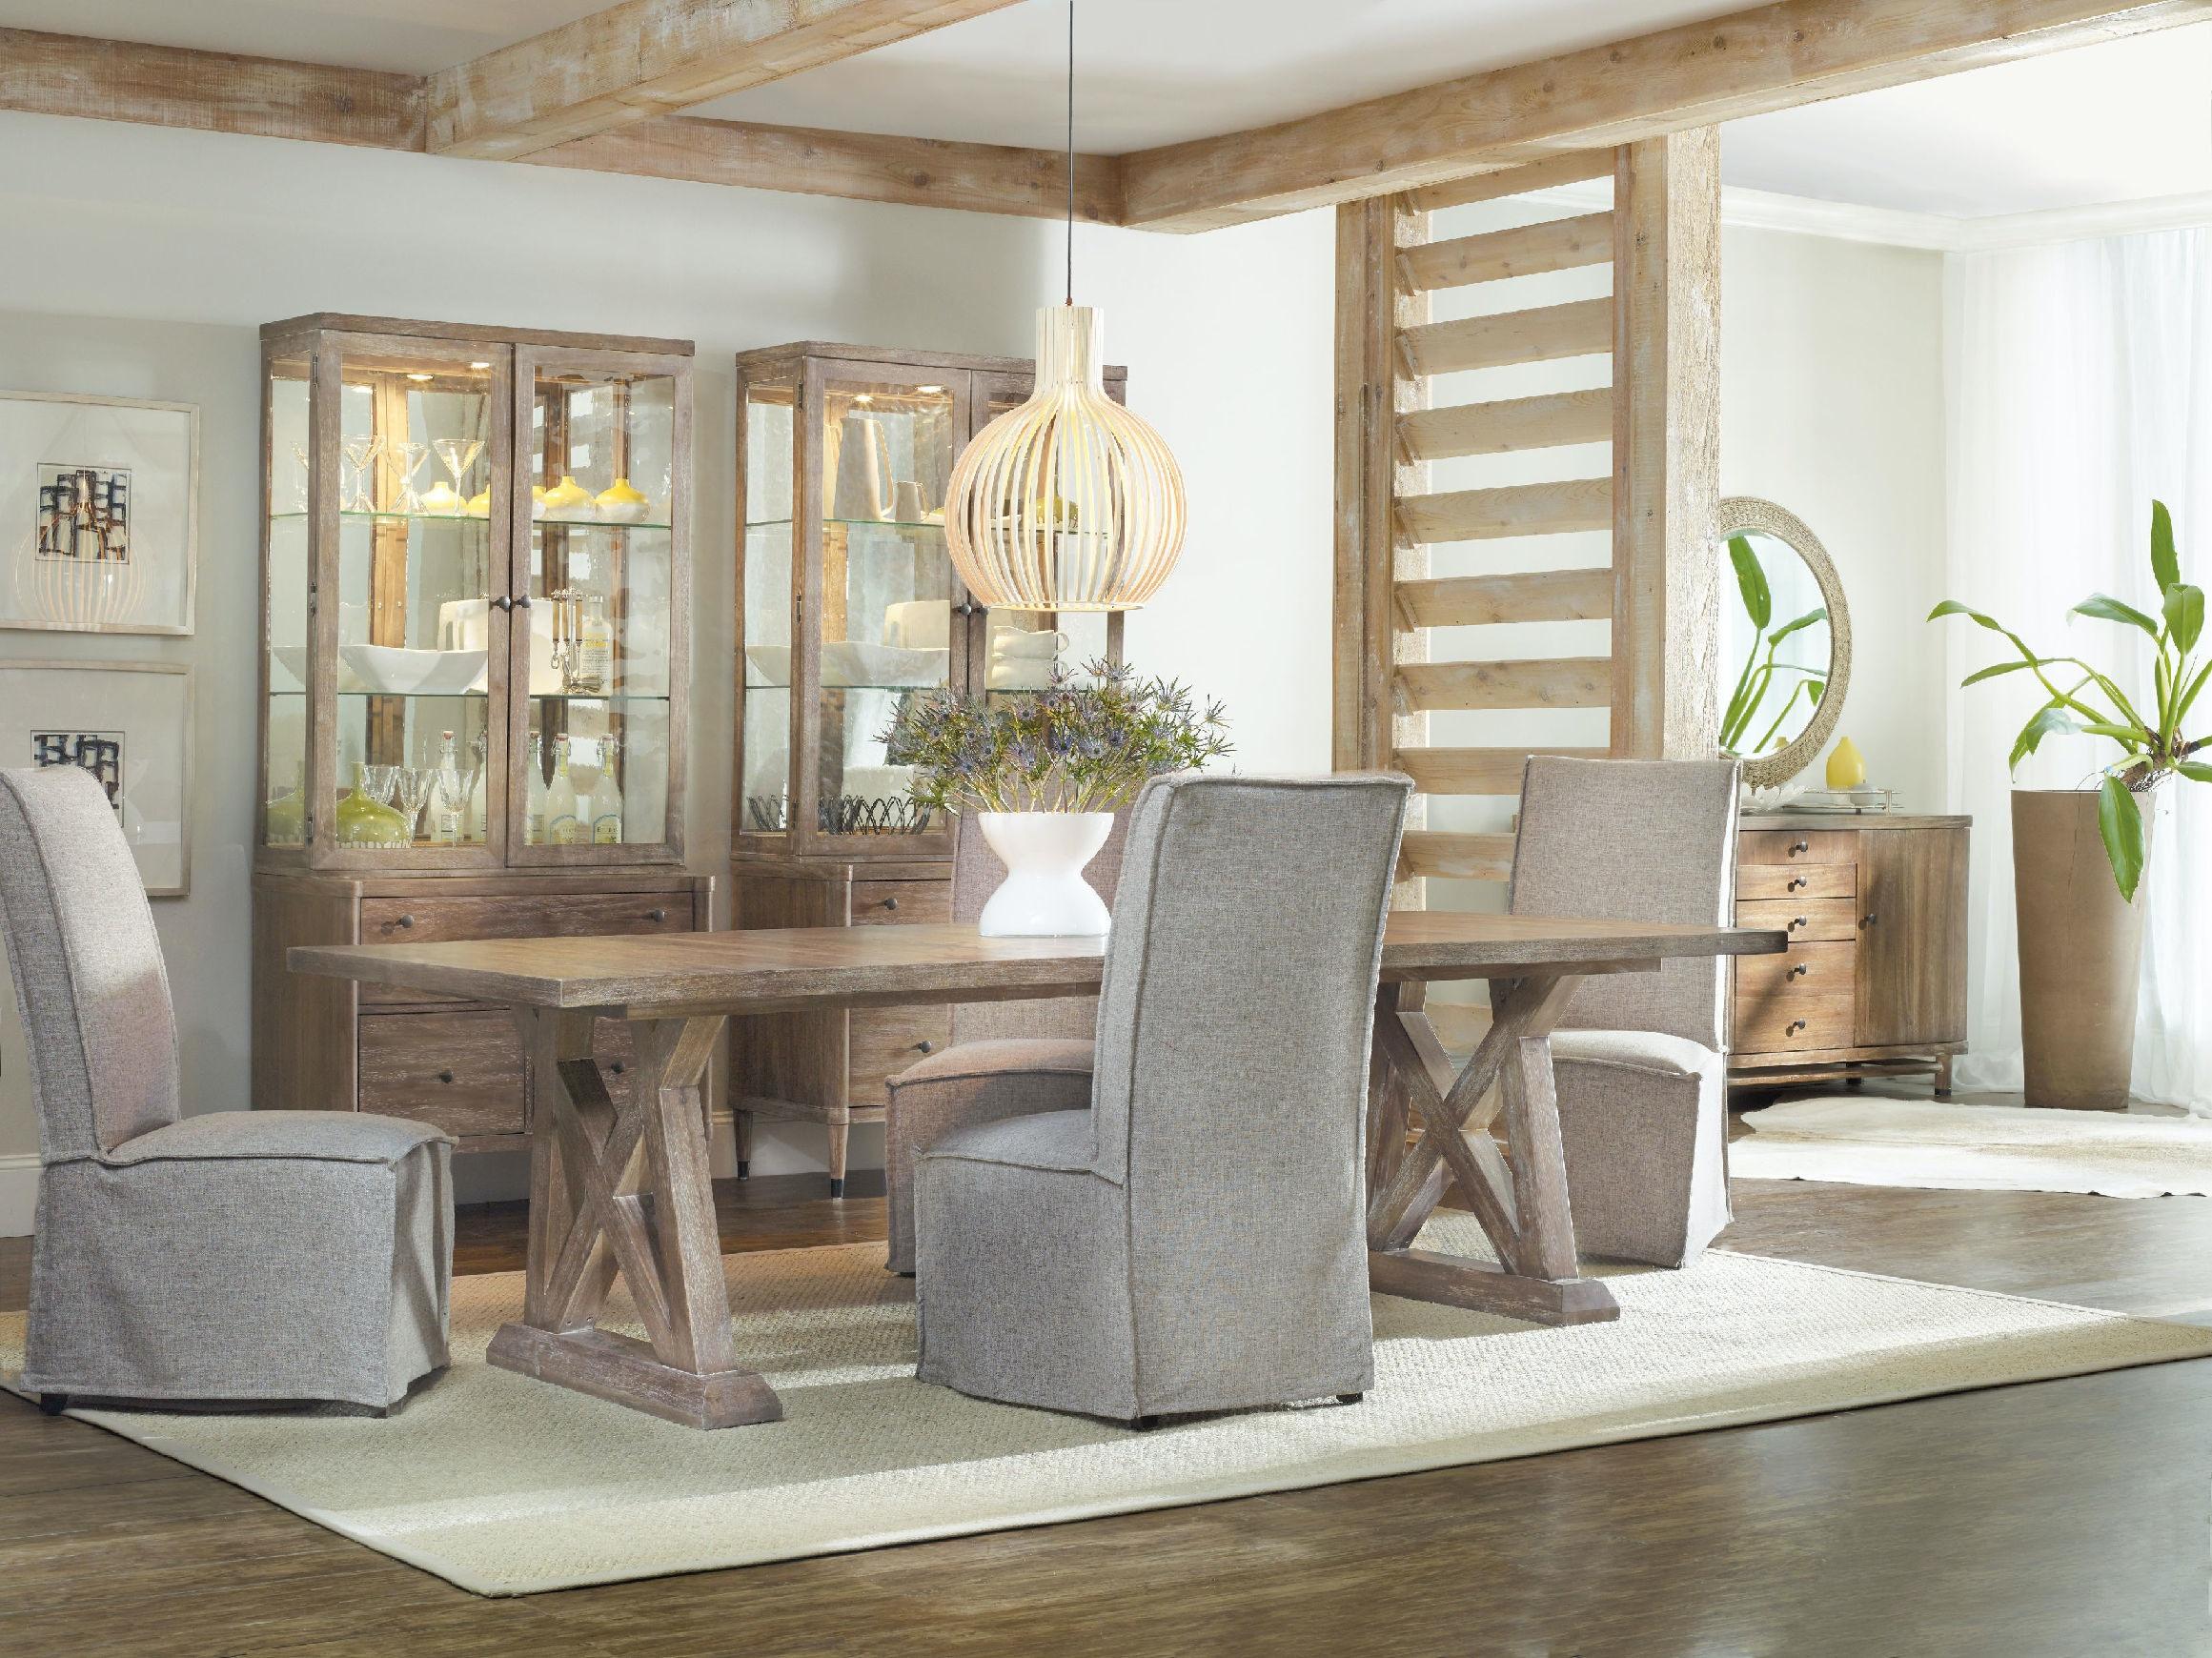 Hooker Furniture Dining Room Studio 7H Utility Credenza 538275900